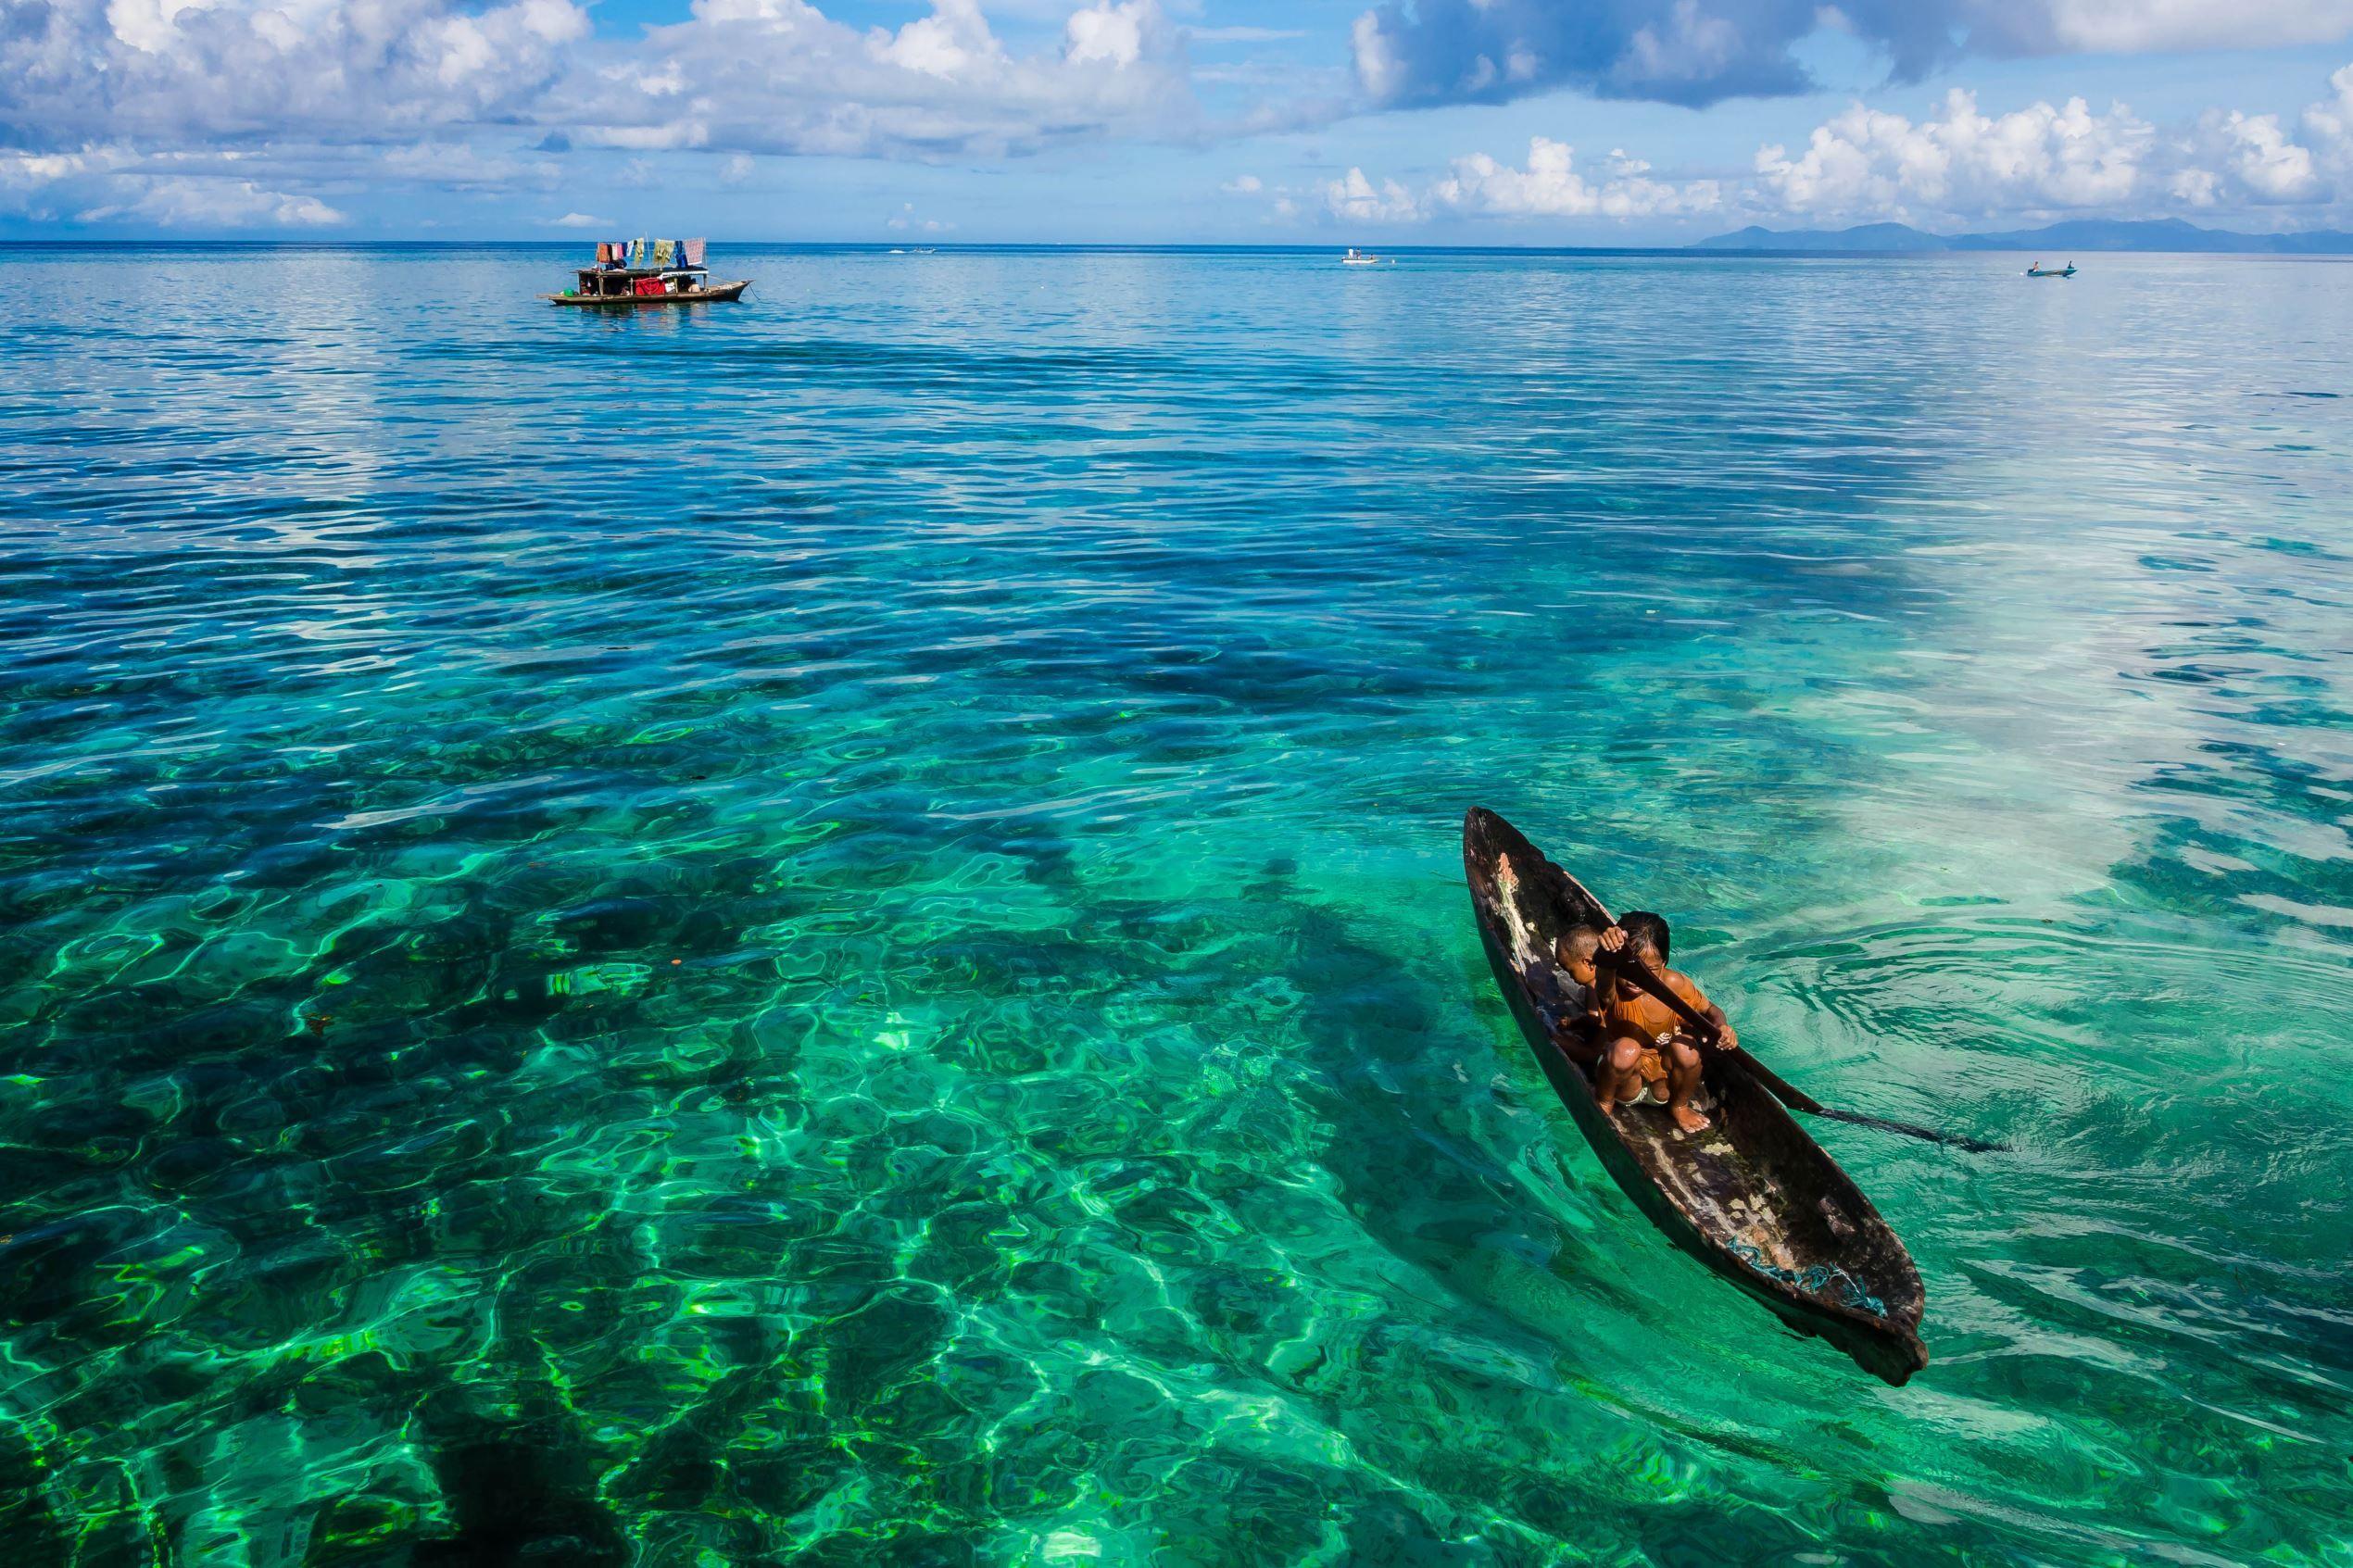 Sabah, Malaysia - Splashtacular: The world's best places to swim